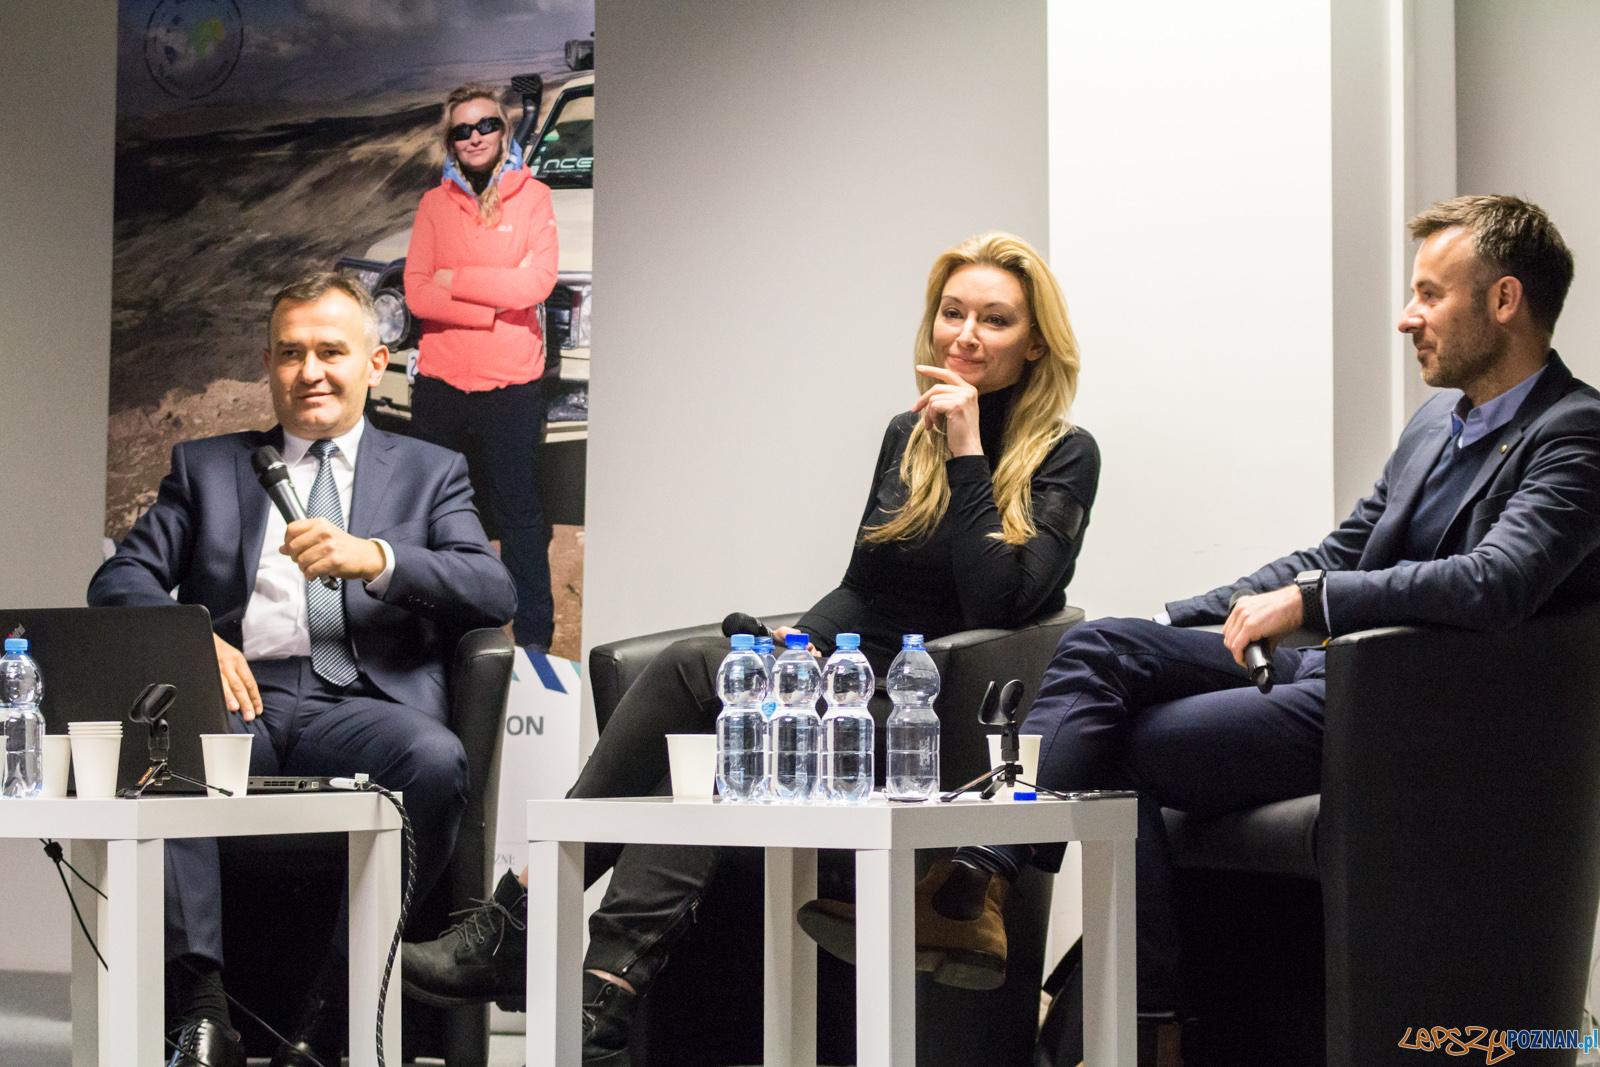 W poprzek szlaku. Spotkanie z Martyna Wojciechowska.  Foto: lepszyPOZNAN.pl / Ewelina Jaśkowiak